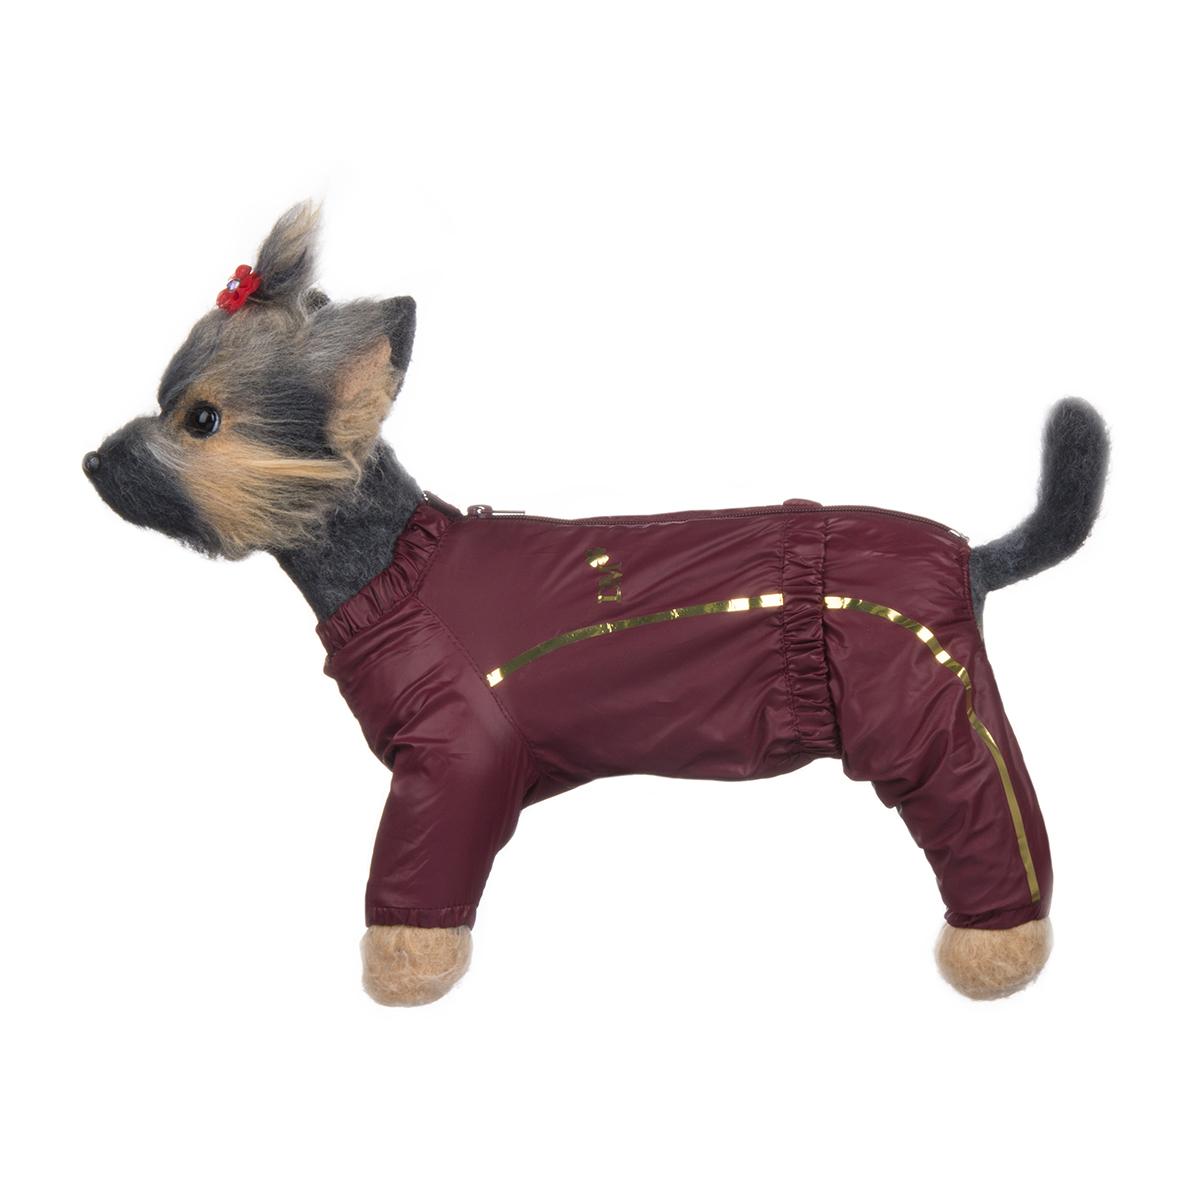 Комбинезон для собак Dogmoda Альпы, для девочки, цвет: бордовый. Размер 2 (M)0120710Комбинезон для собак Dogmoda Альпы отлично подойдет для прогулок поздней осенью или ранней весной.Комбинезон изготовлен из полиэстера, защищающего от ветра и осадков, с подкладкой из флиса, которая сохранит тепло и обеспечит отличный воздухообмен. Комбинезон застегивается на молнию и липучку, благодаря чему его легко надевать и снимать. Ворот, низ рукавов и брючин оснащены внутренними резинками, которые мягко обхватывают шею и лапки, не позволяя просачиваться холодному воздуху. На пояснице имеется внутренняя резинка. Изделие декорировано золотистыми полосками и надписью DM.Благодаря такому комбинезону простуда не грозит вашему питомцу и он не даст любимцу продрогнуть на прогулке.